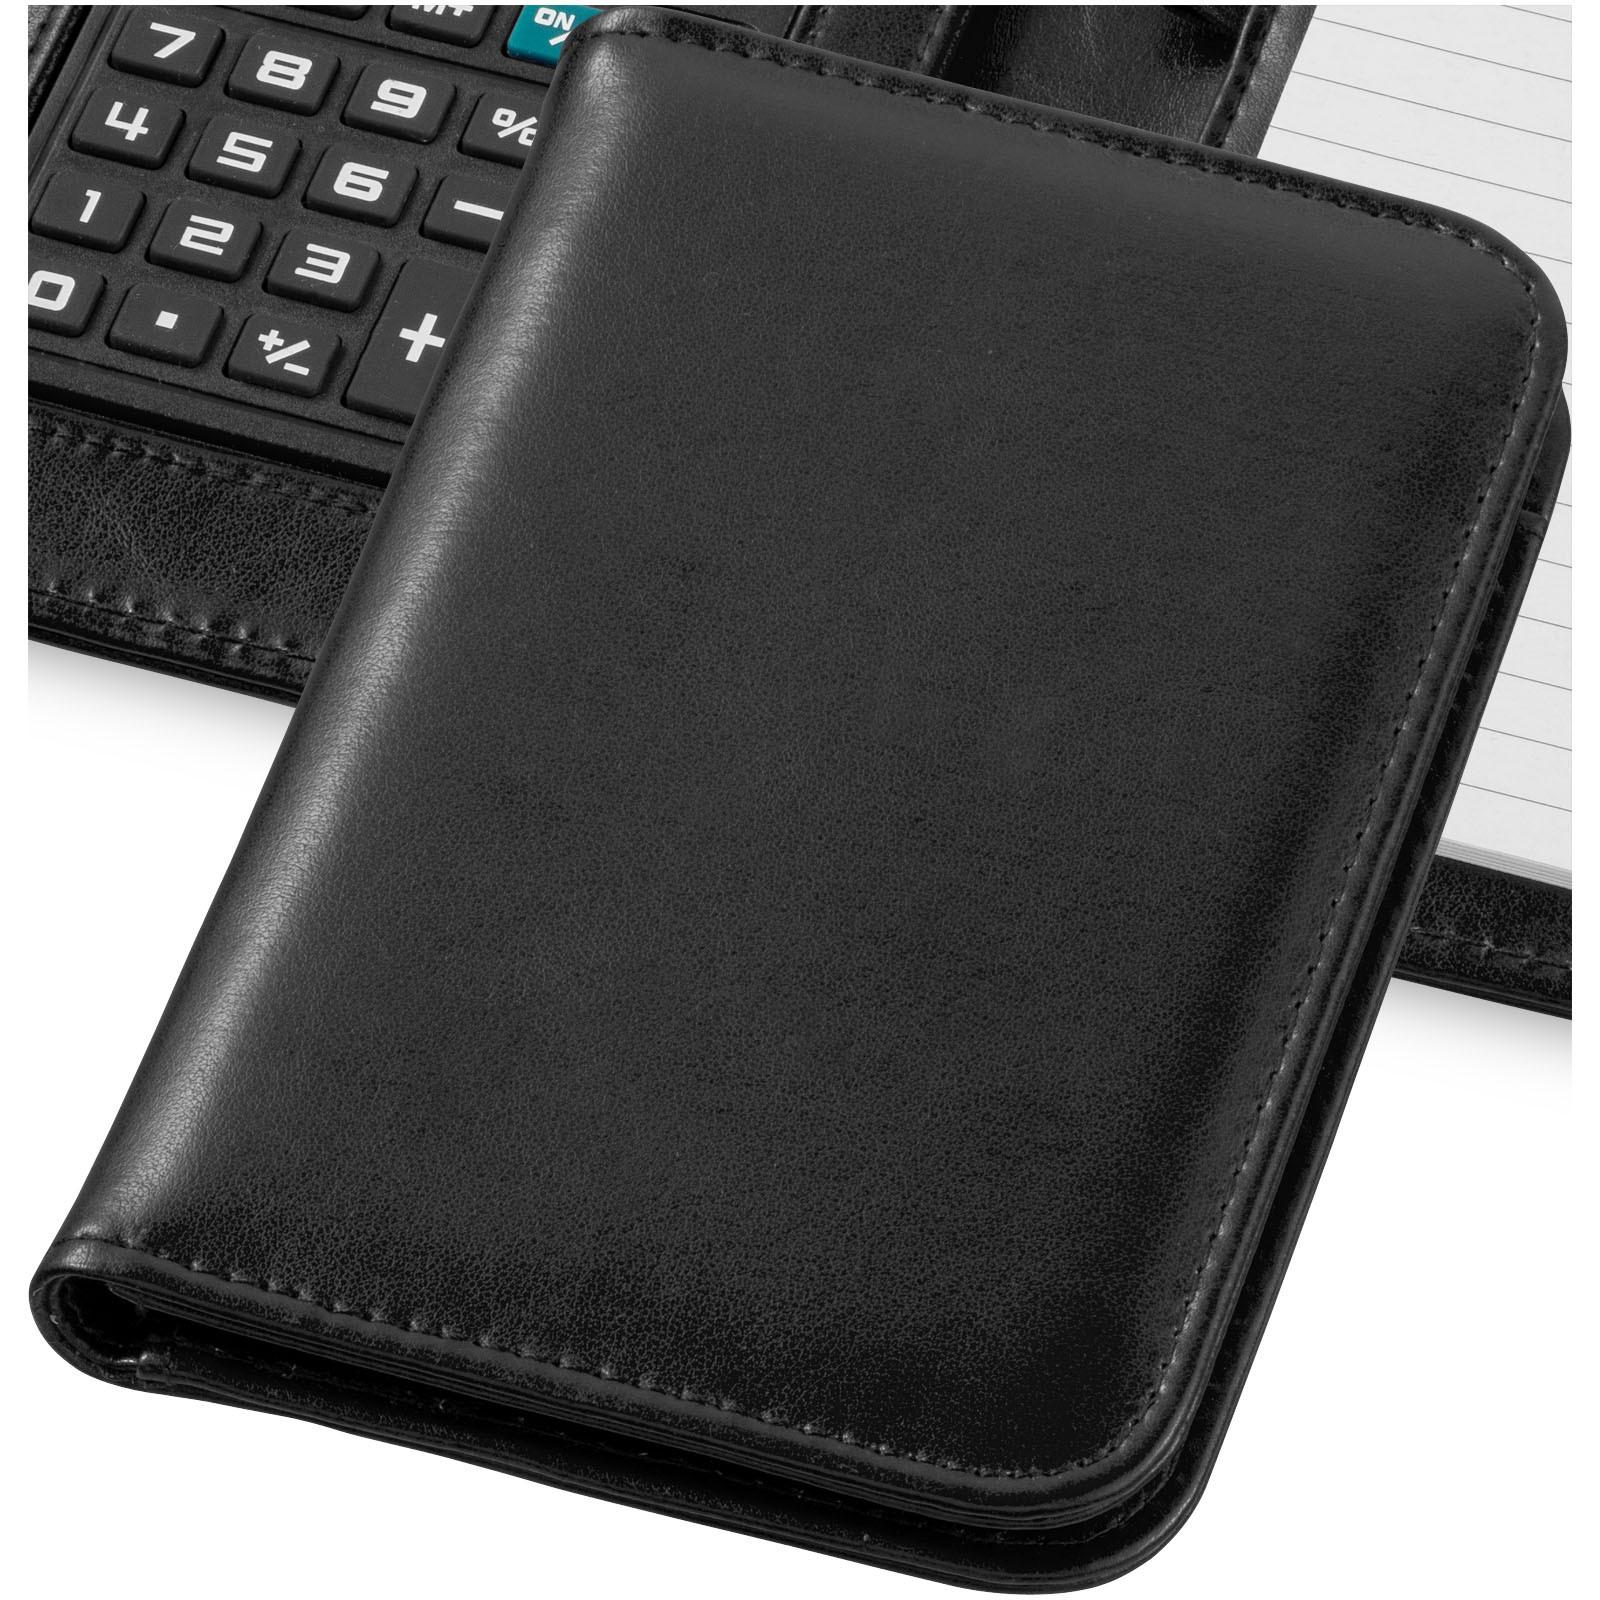 Zápisník s kalkulačkou Smarti - Černá